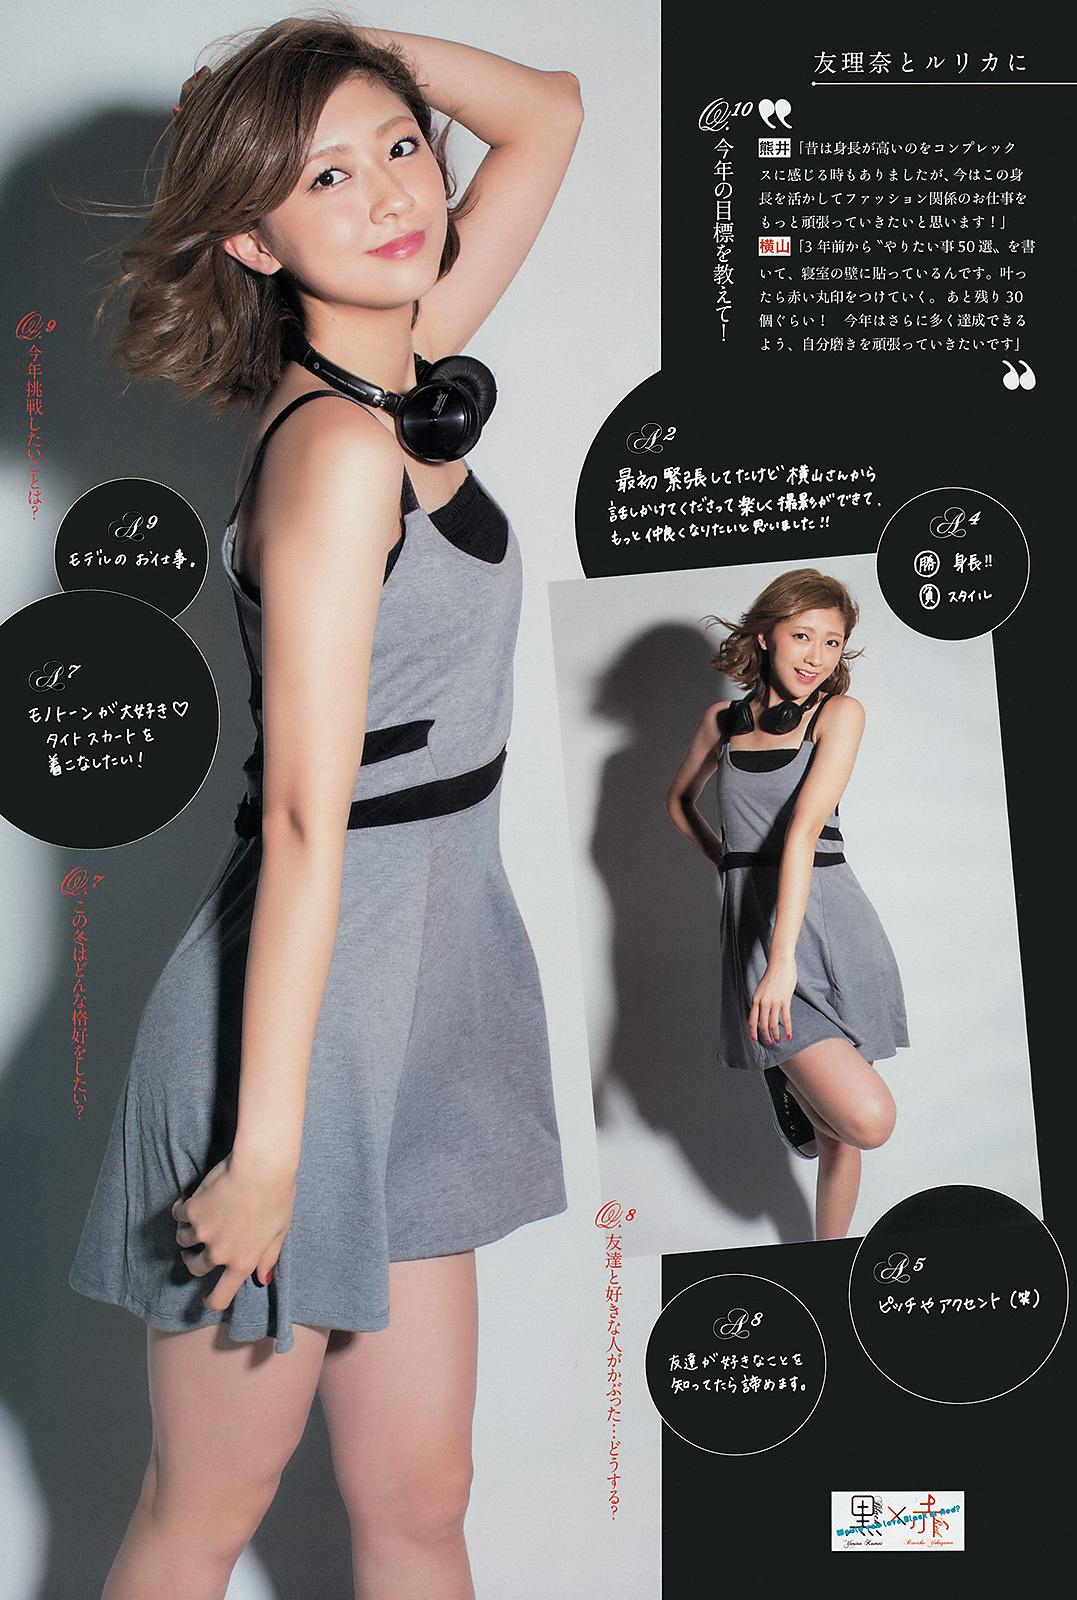 kumai_yurina002.jpg